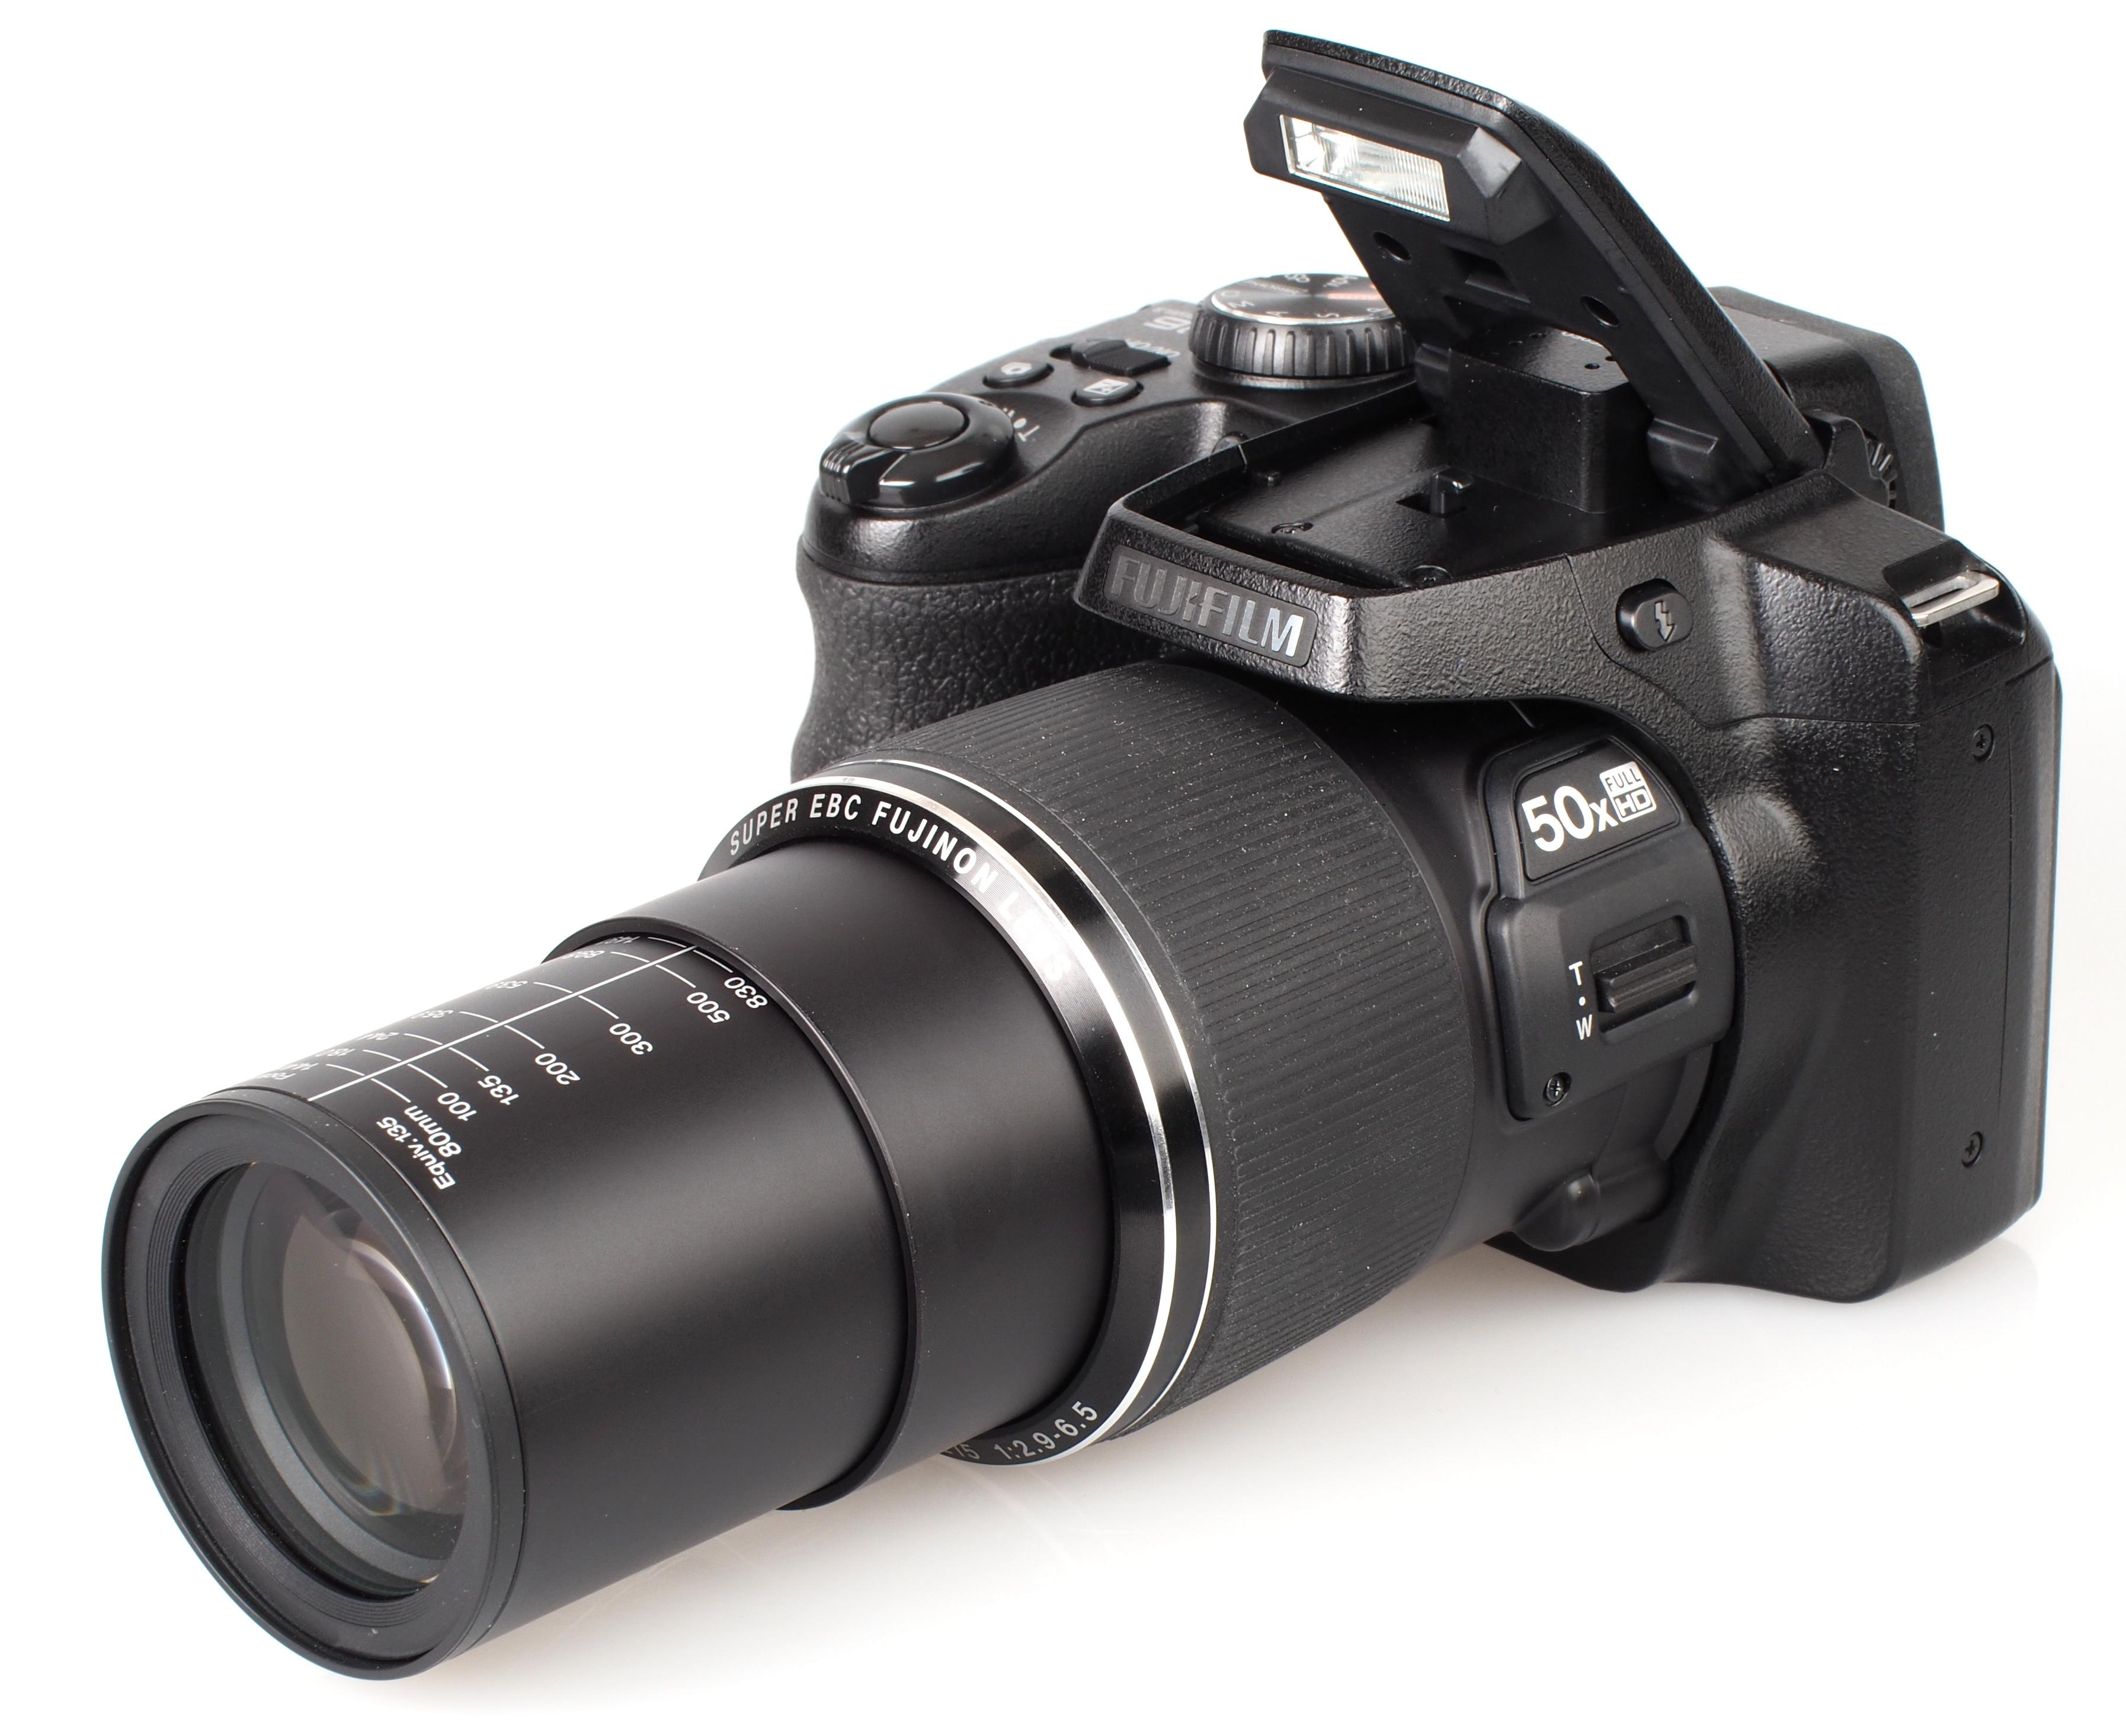 Fujifilm FinePix S9900W S9800 Review